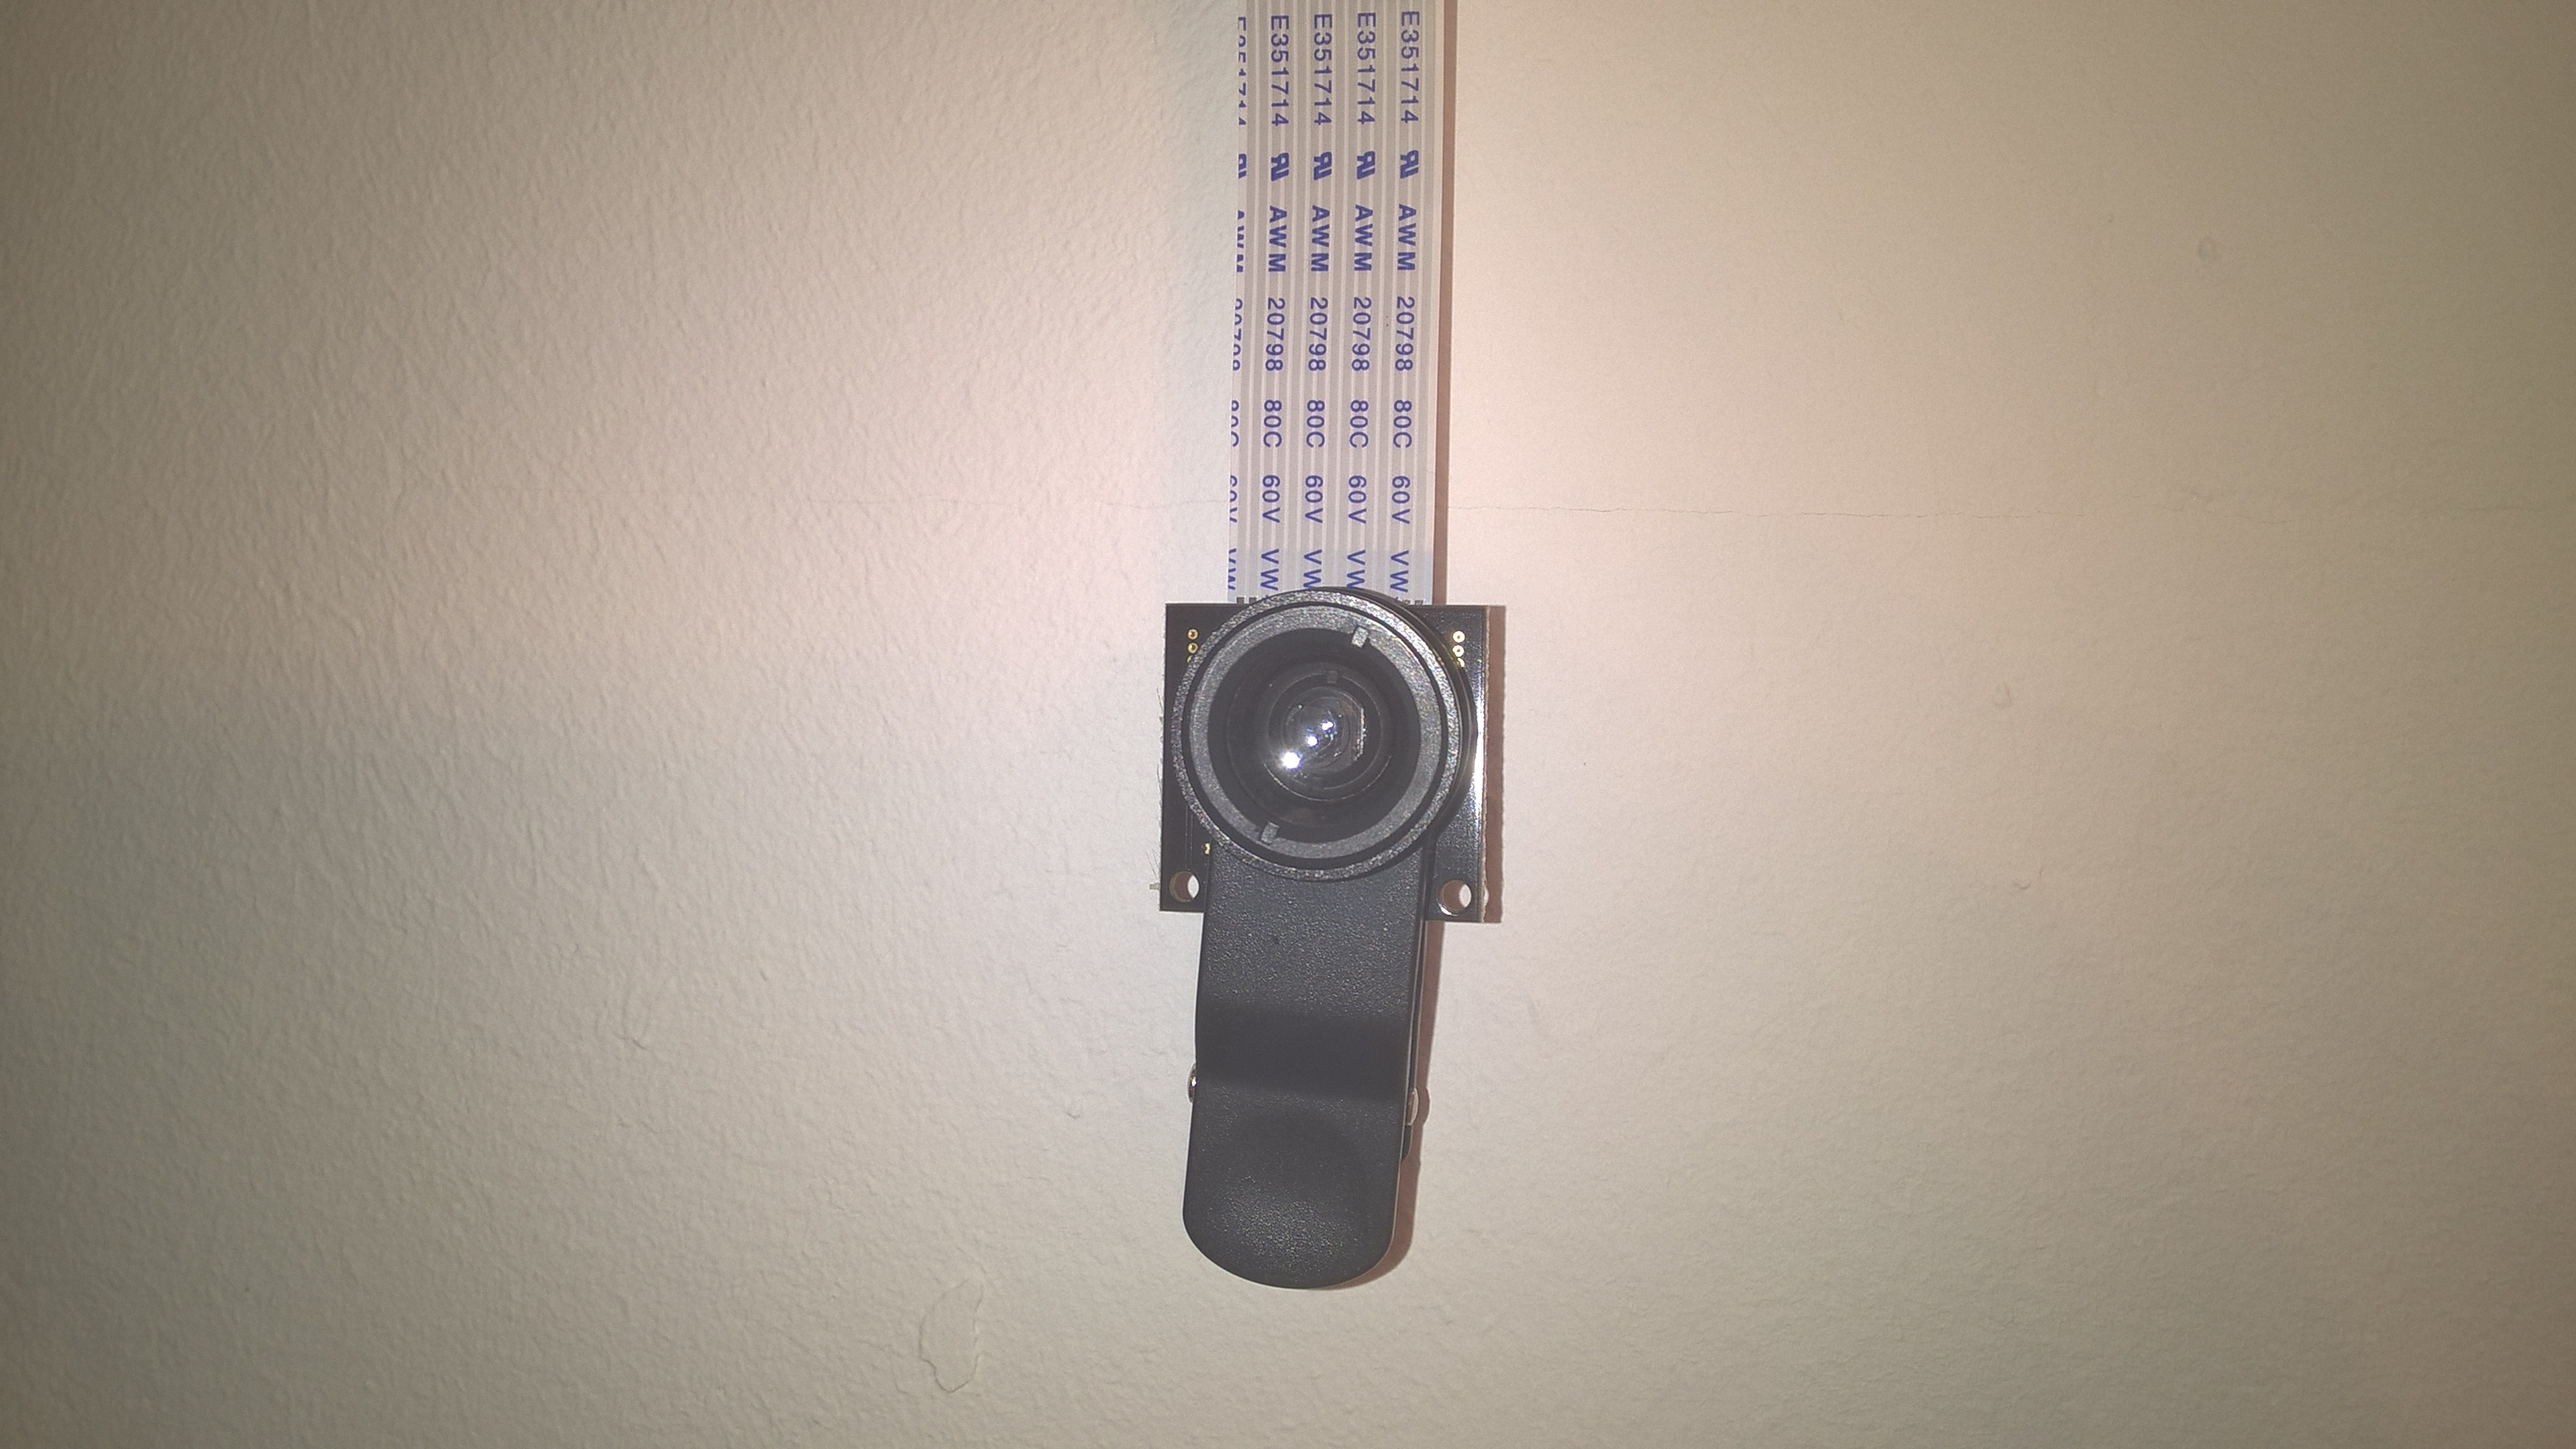 wp 20150806 11 16 35 pro kamera im vogelhaus. Black Bedroom Furniture Sets. Home Design Ideas